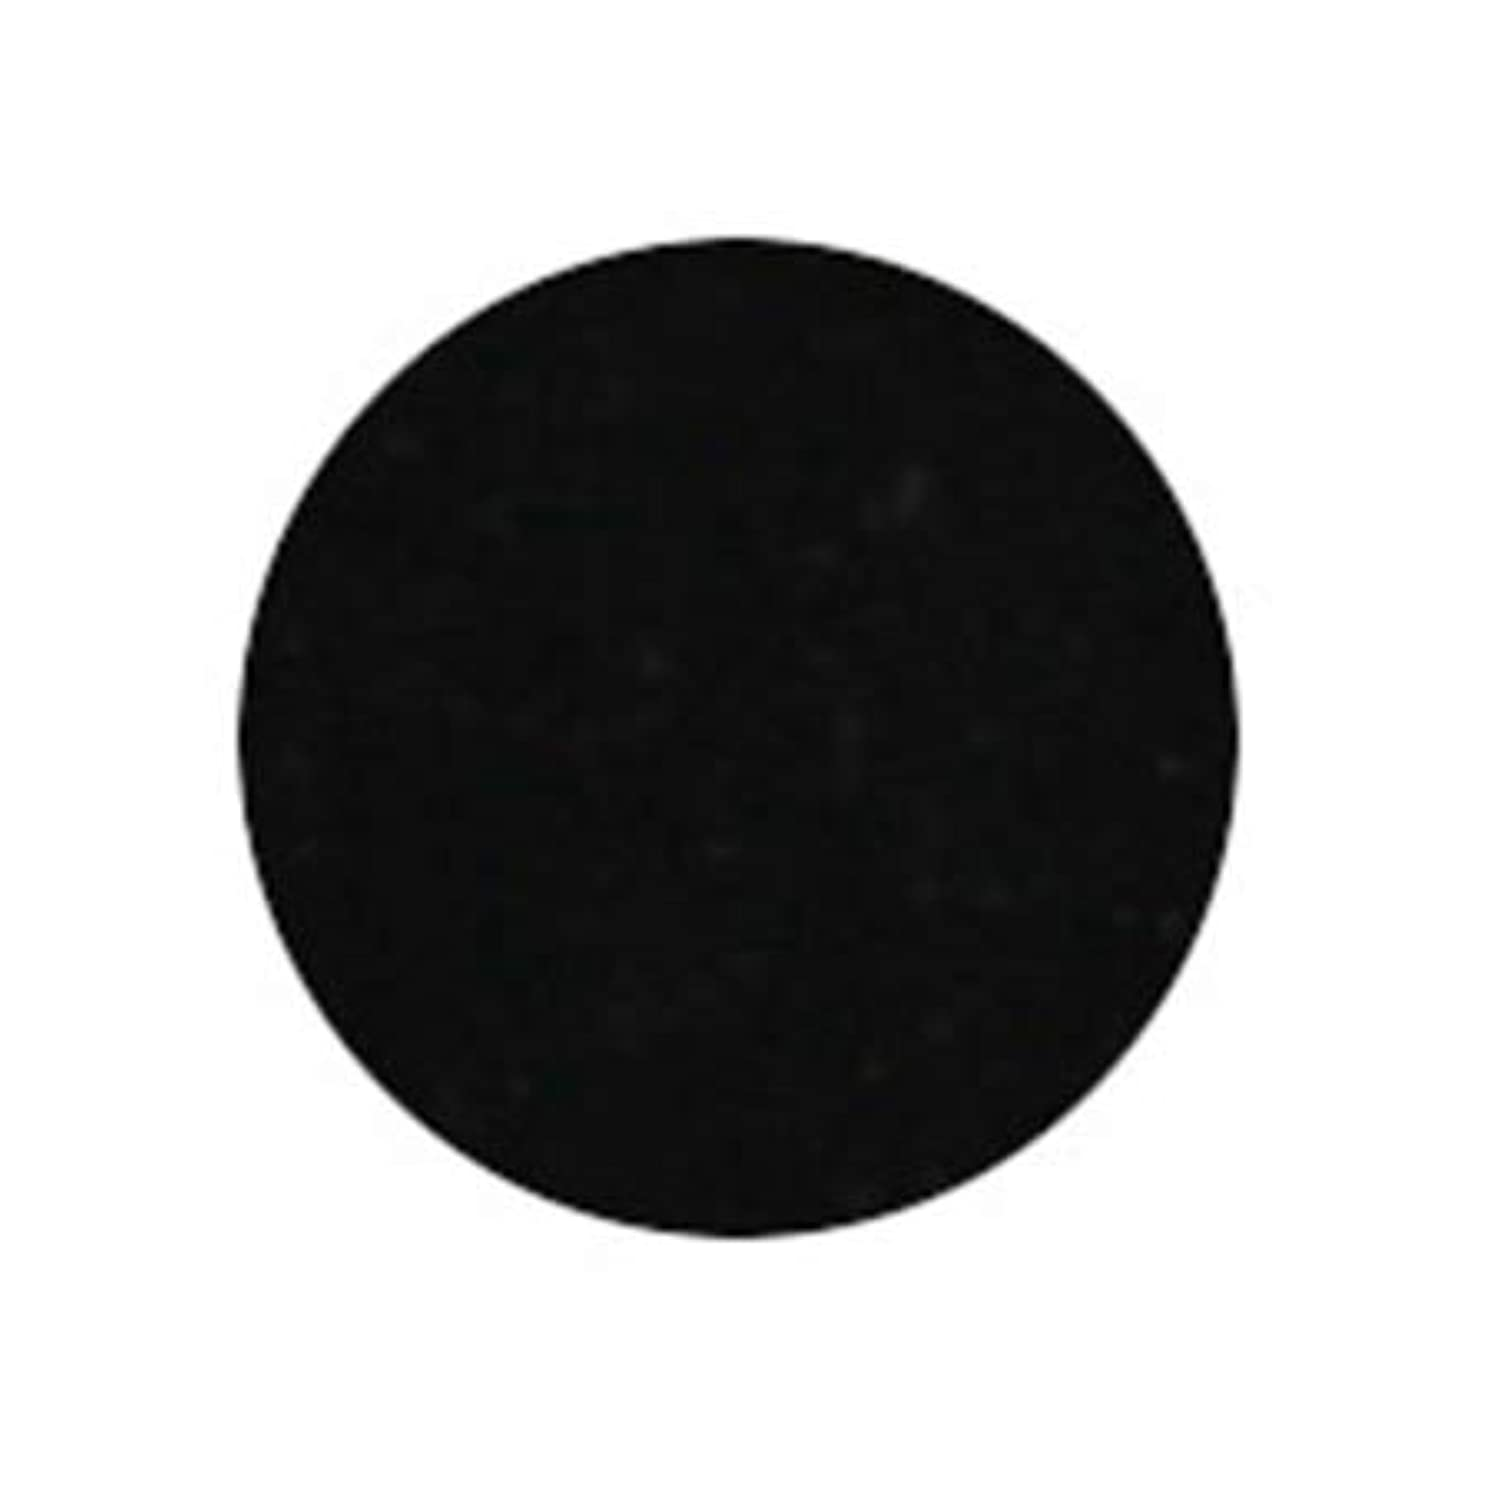 従順な見捨てられた定刻Putiel プティール カラージェル 501 ブラック 4g